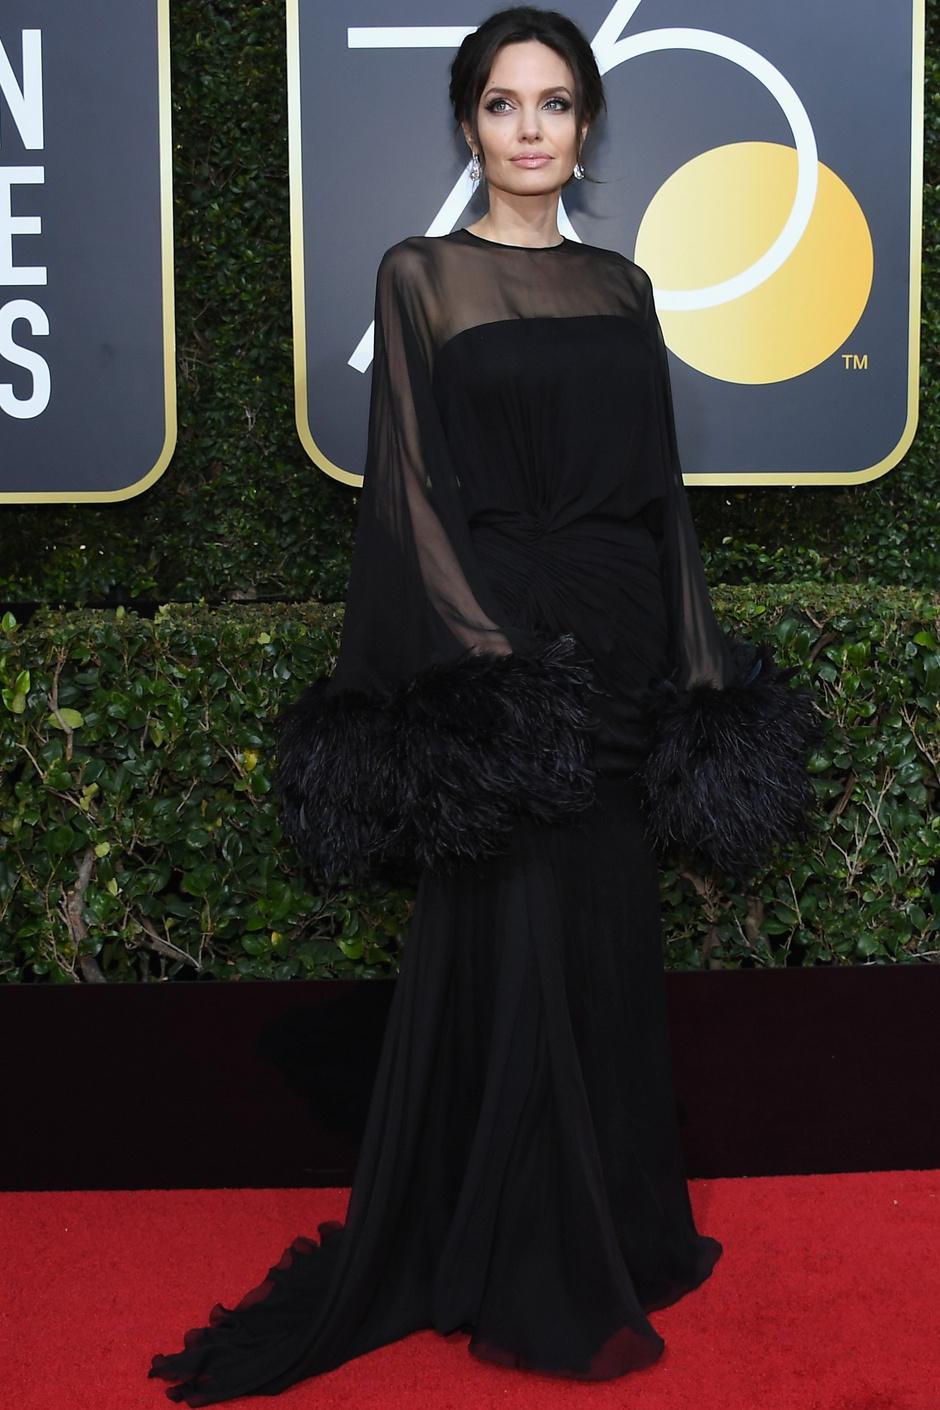 Дива дивная: Анджелина Джоли на «Золотом глобусе — 2018» (фото 1)